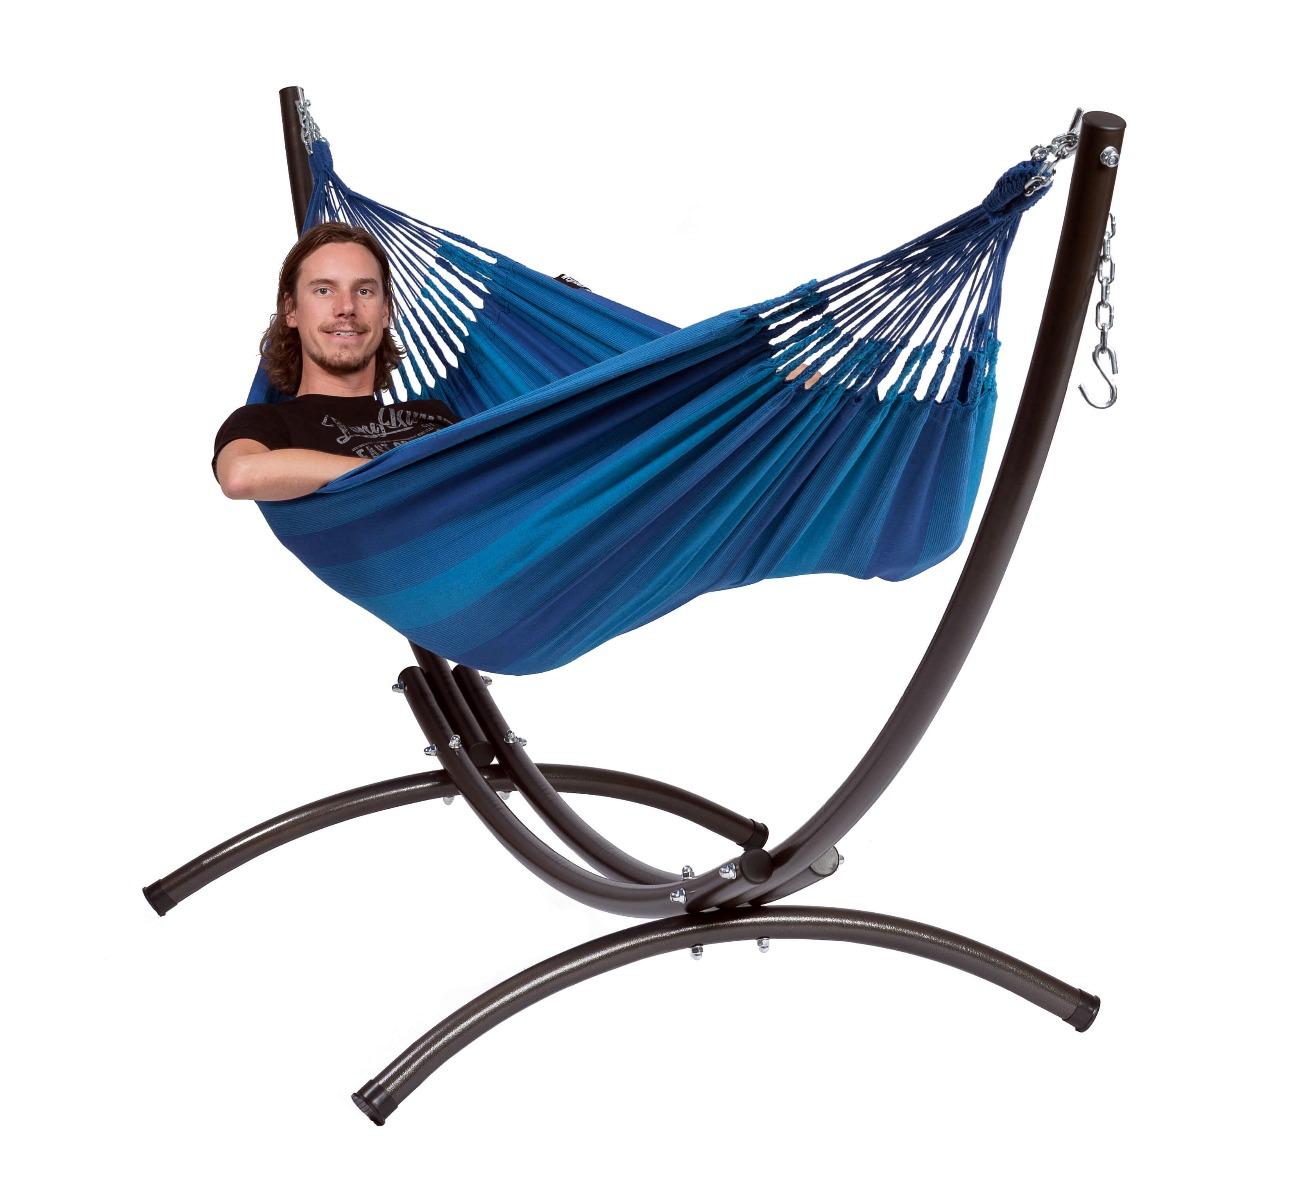 'Arc & Dream' Blue E�npersoons Hangmatset - Blauw - Tropilex �